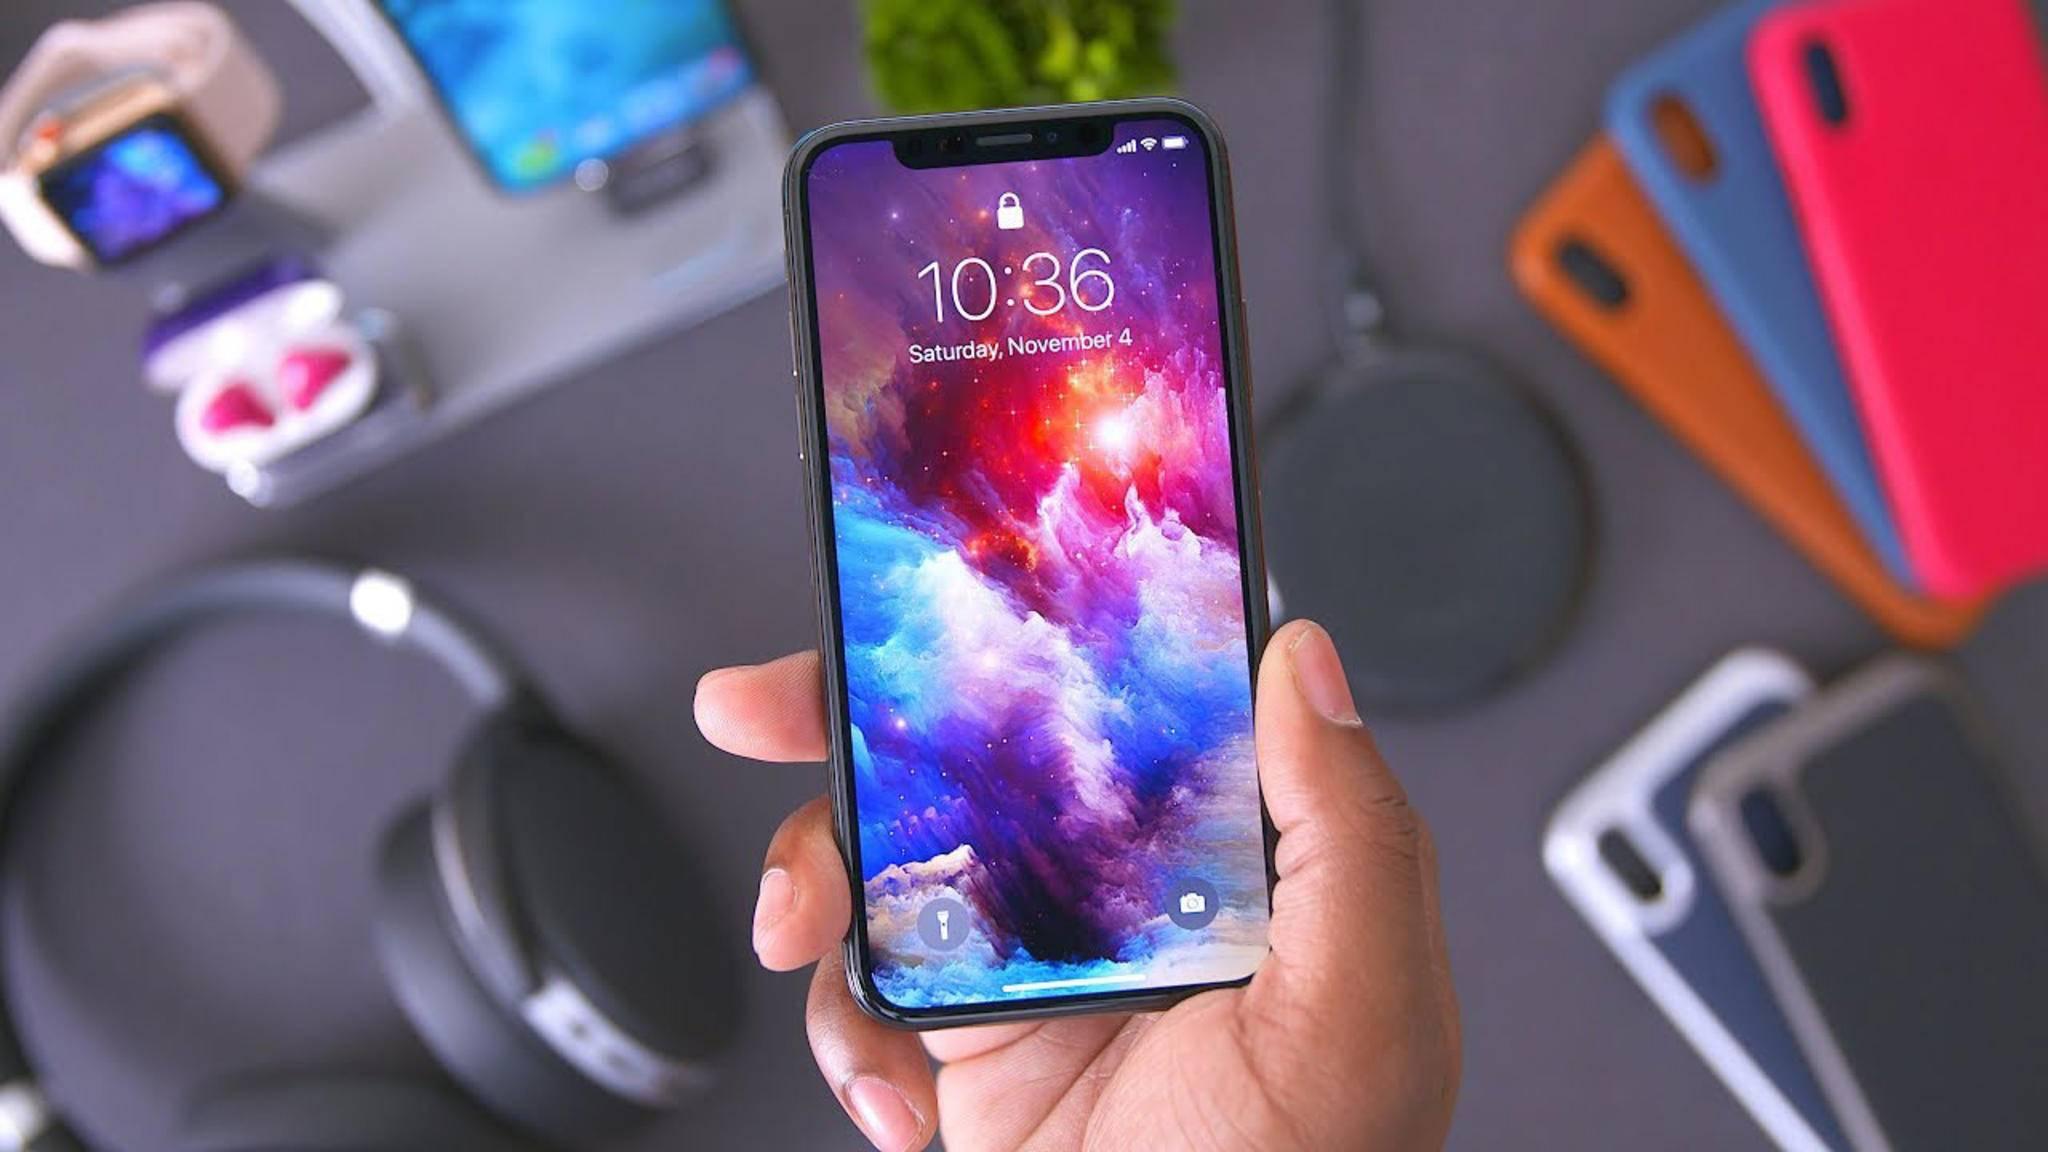 Kein Smartphone hat ein besseres Display als das iPhone X.